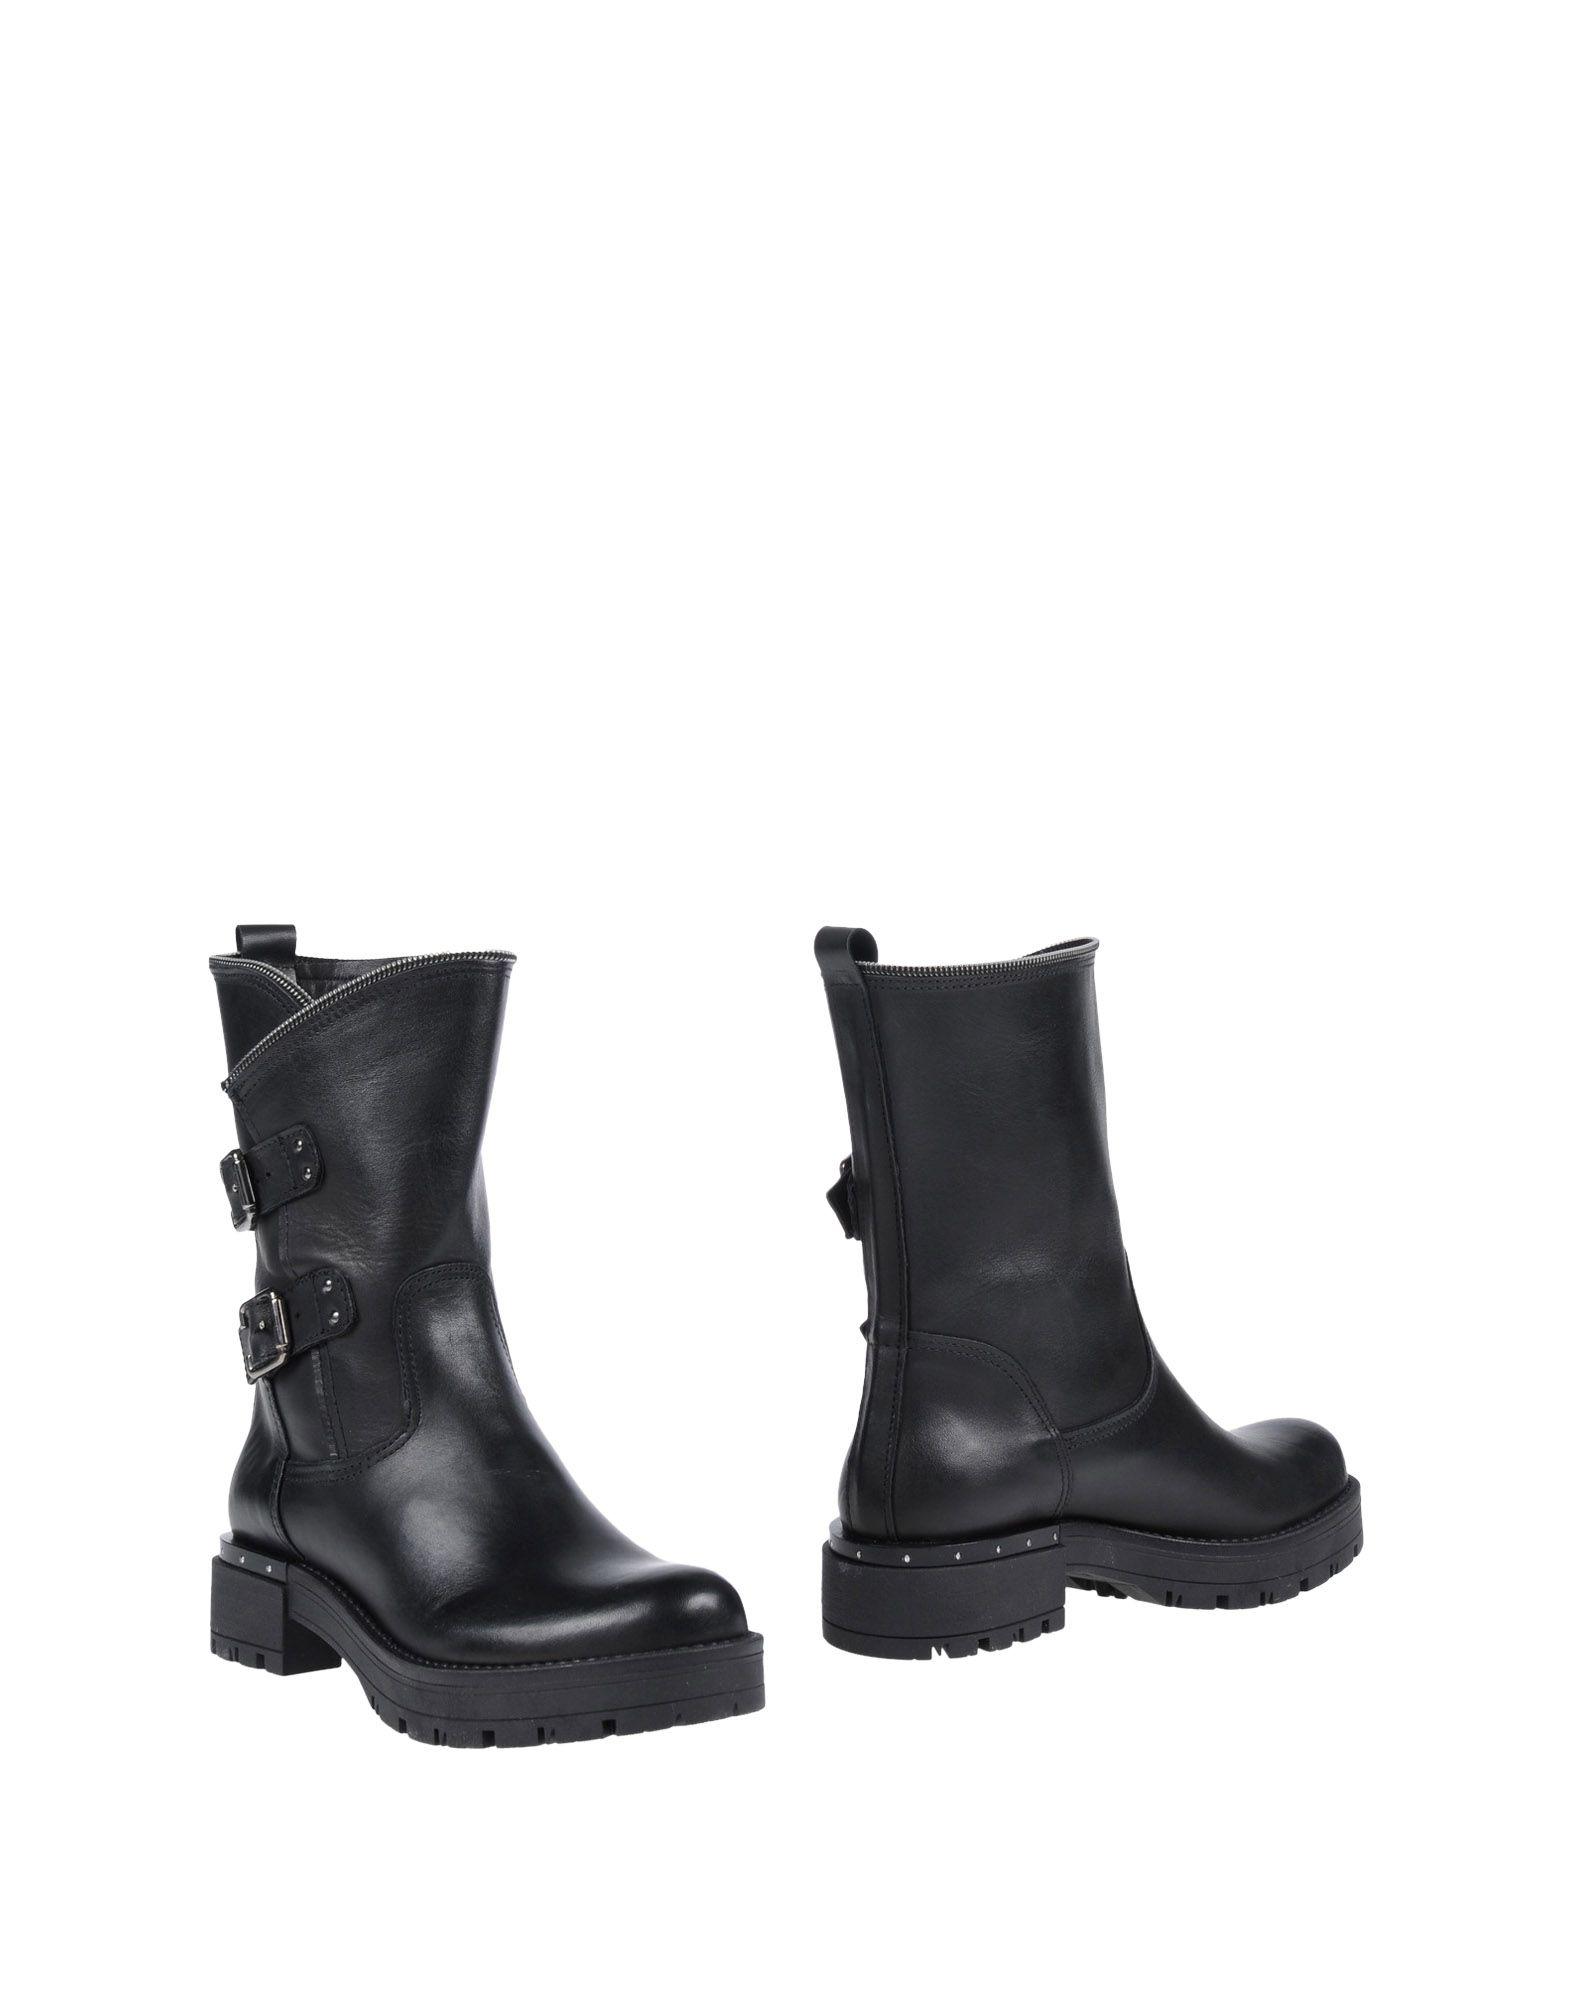 Charme Stiefelette Damen  11454864NL Gute Gute 11454864NL Qualität beliebte Schuhe 69021c